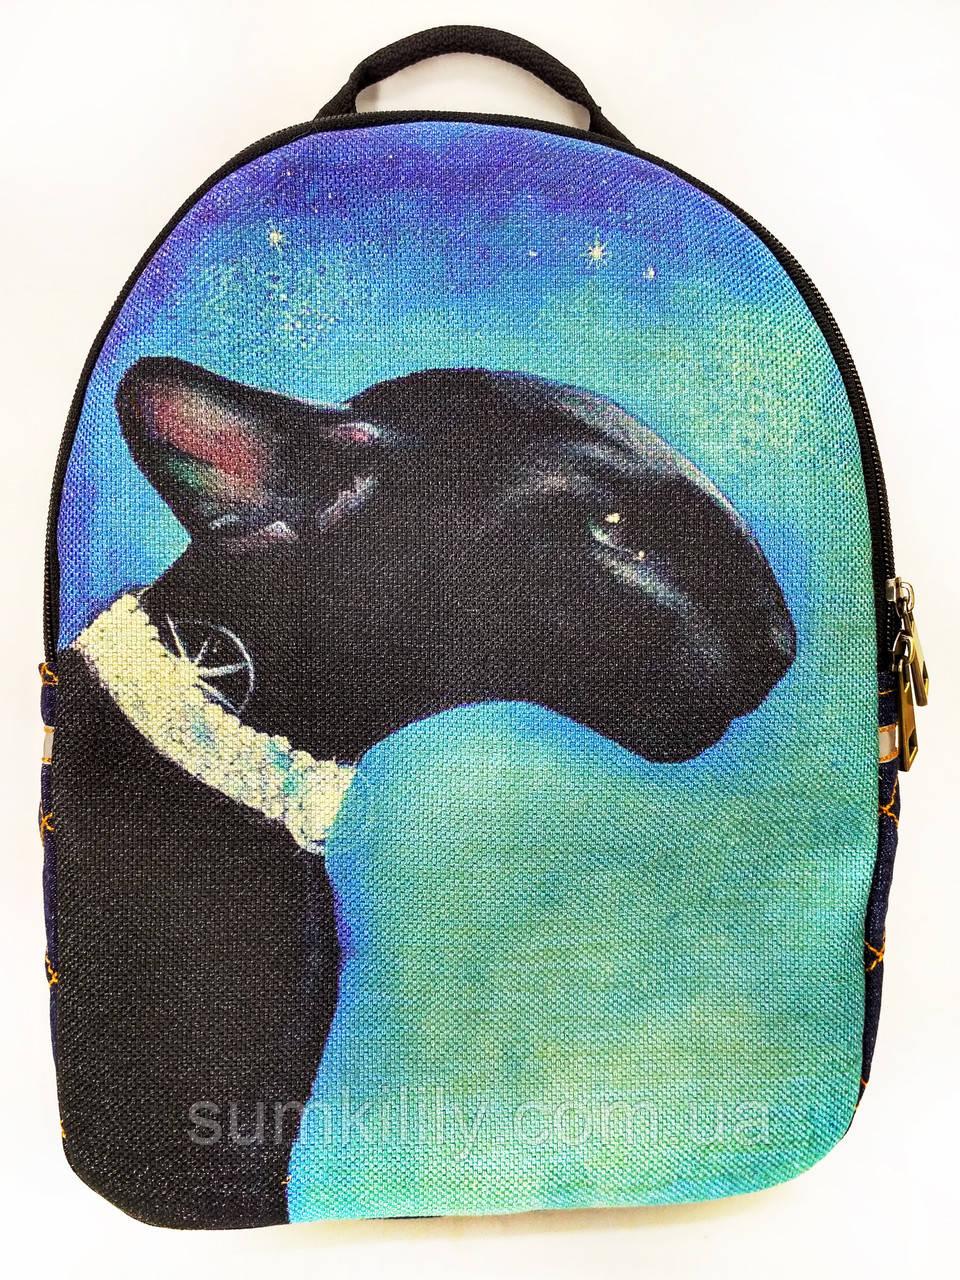 Текстильный рюкзак Ориентал 2